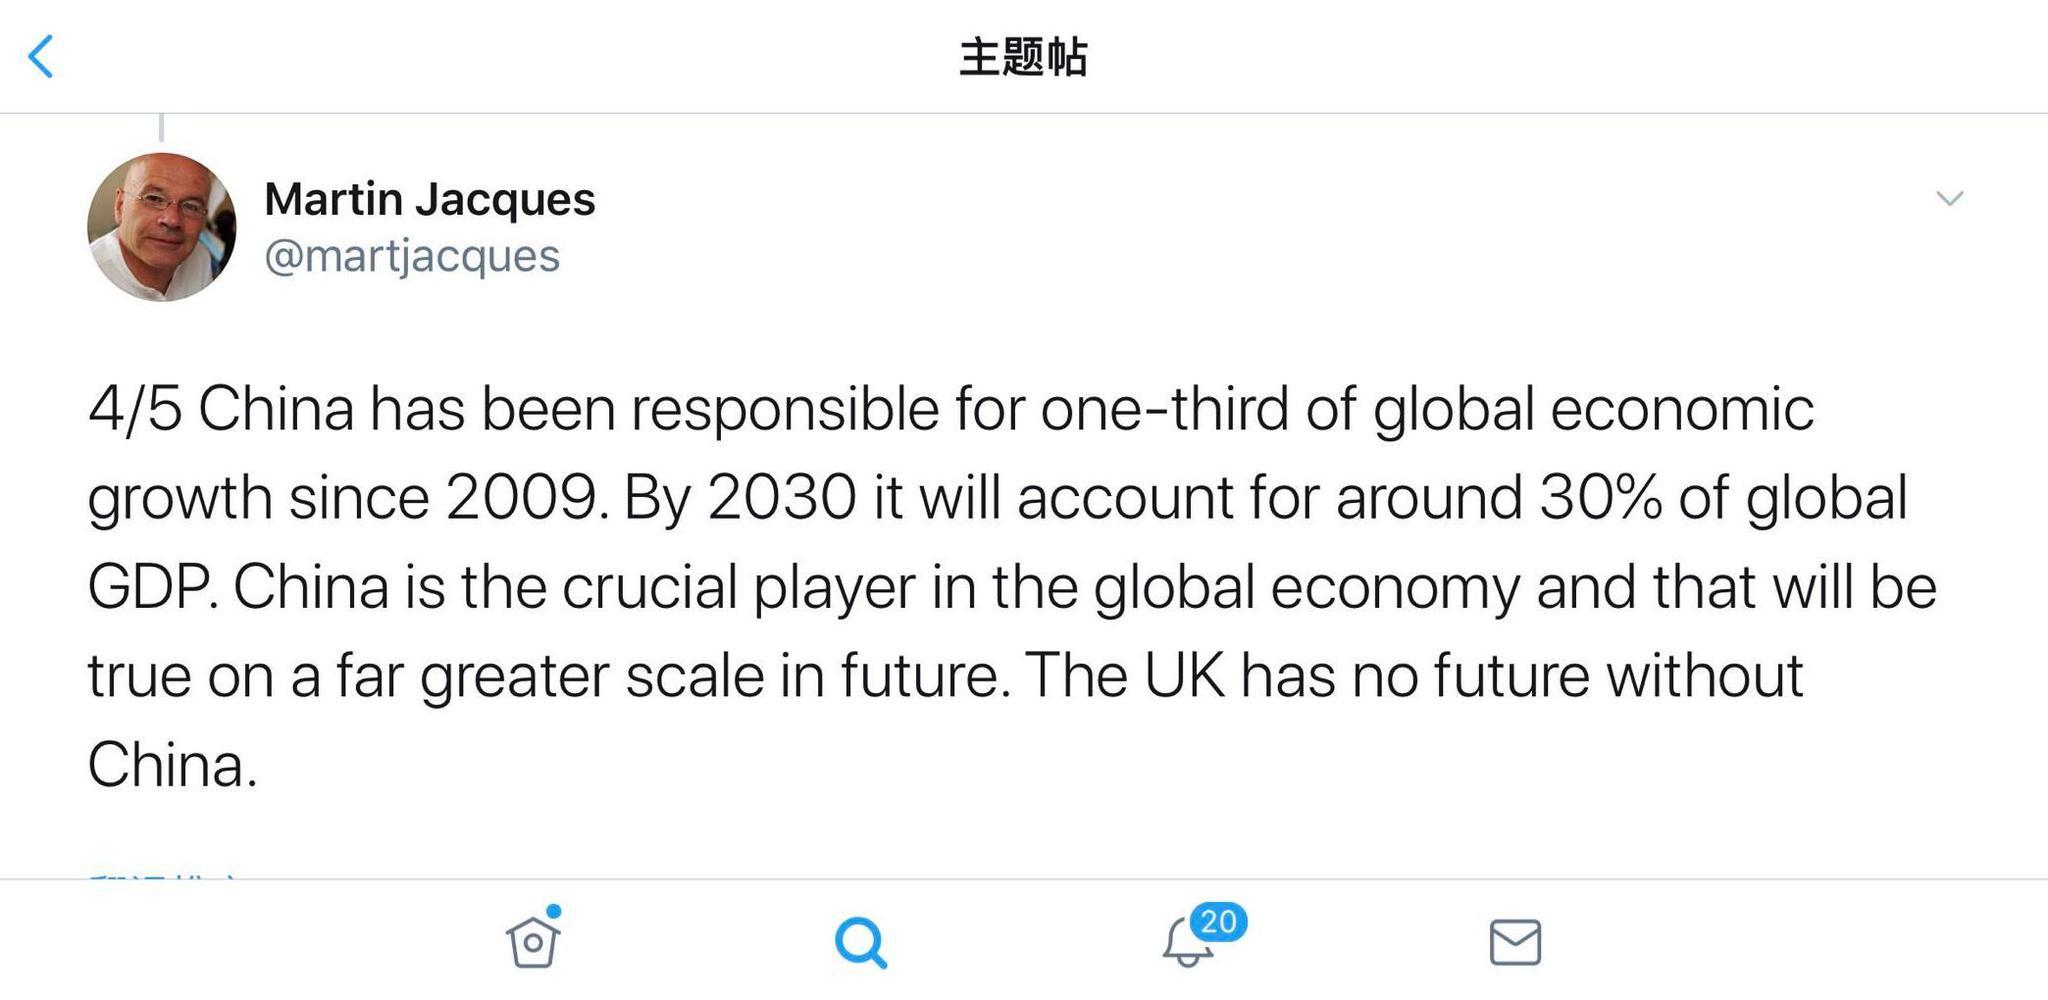 杏悦:国学者马丁-雅克离开中国英国没有未杏悦图片